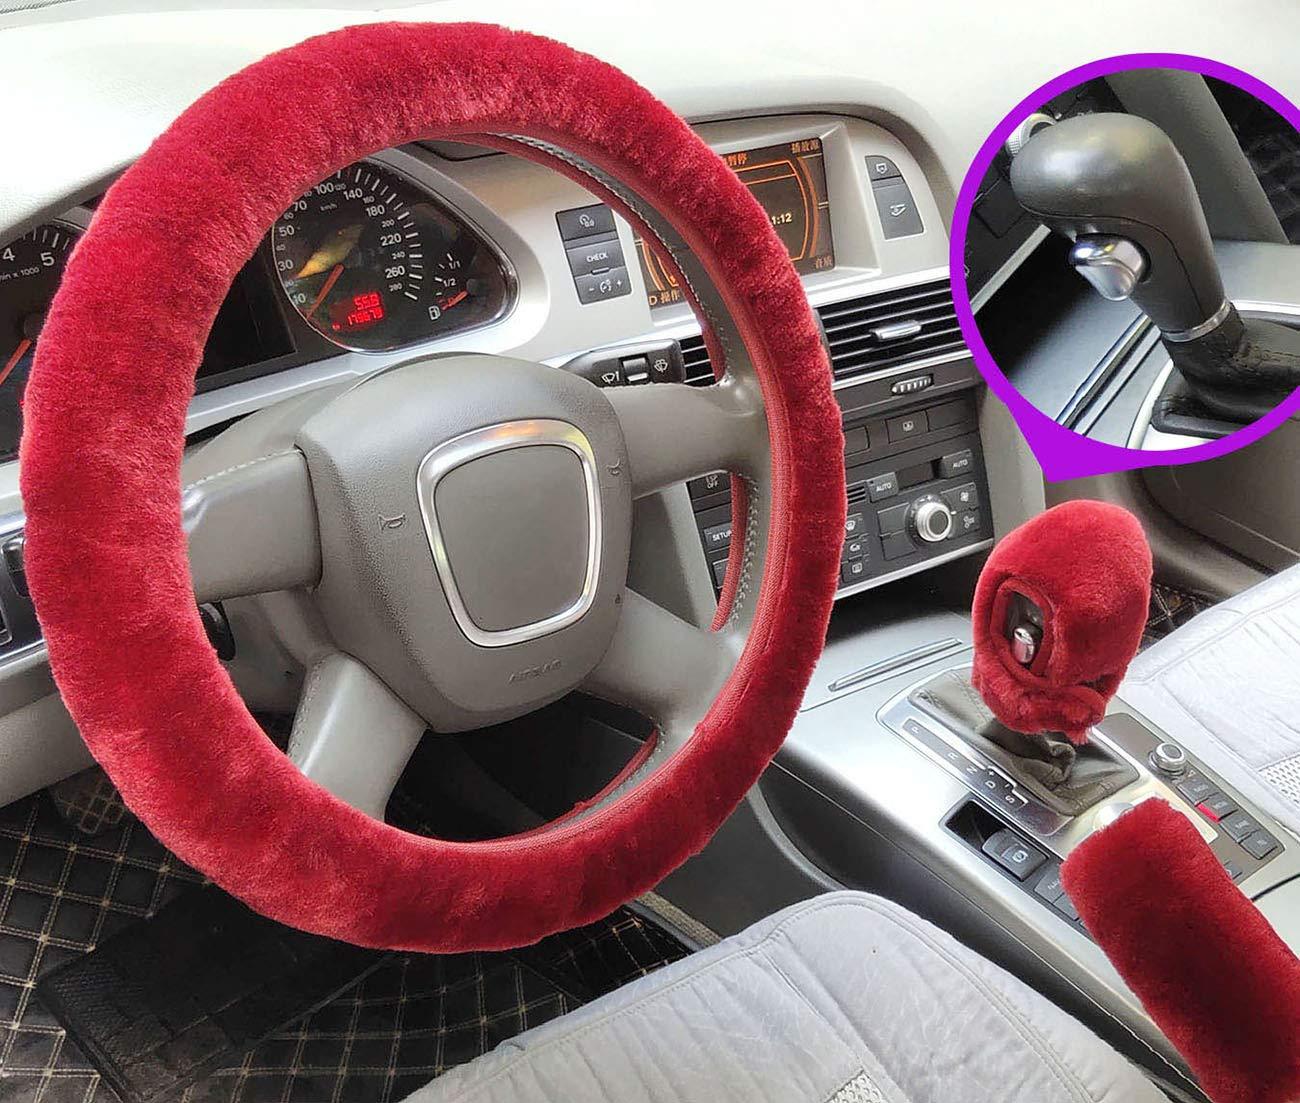 Nuovo coprivolante in peluche in finta lana copri freno a mano automatico, rainbow copri cambio inverno caldo universale per auto interni 3 pezzi//set